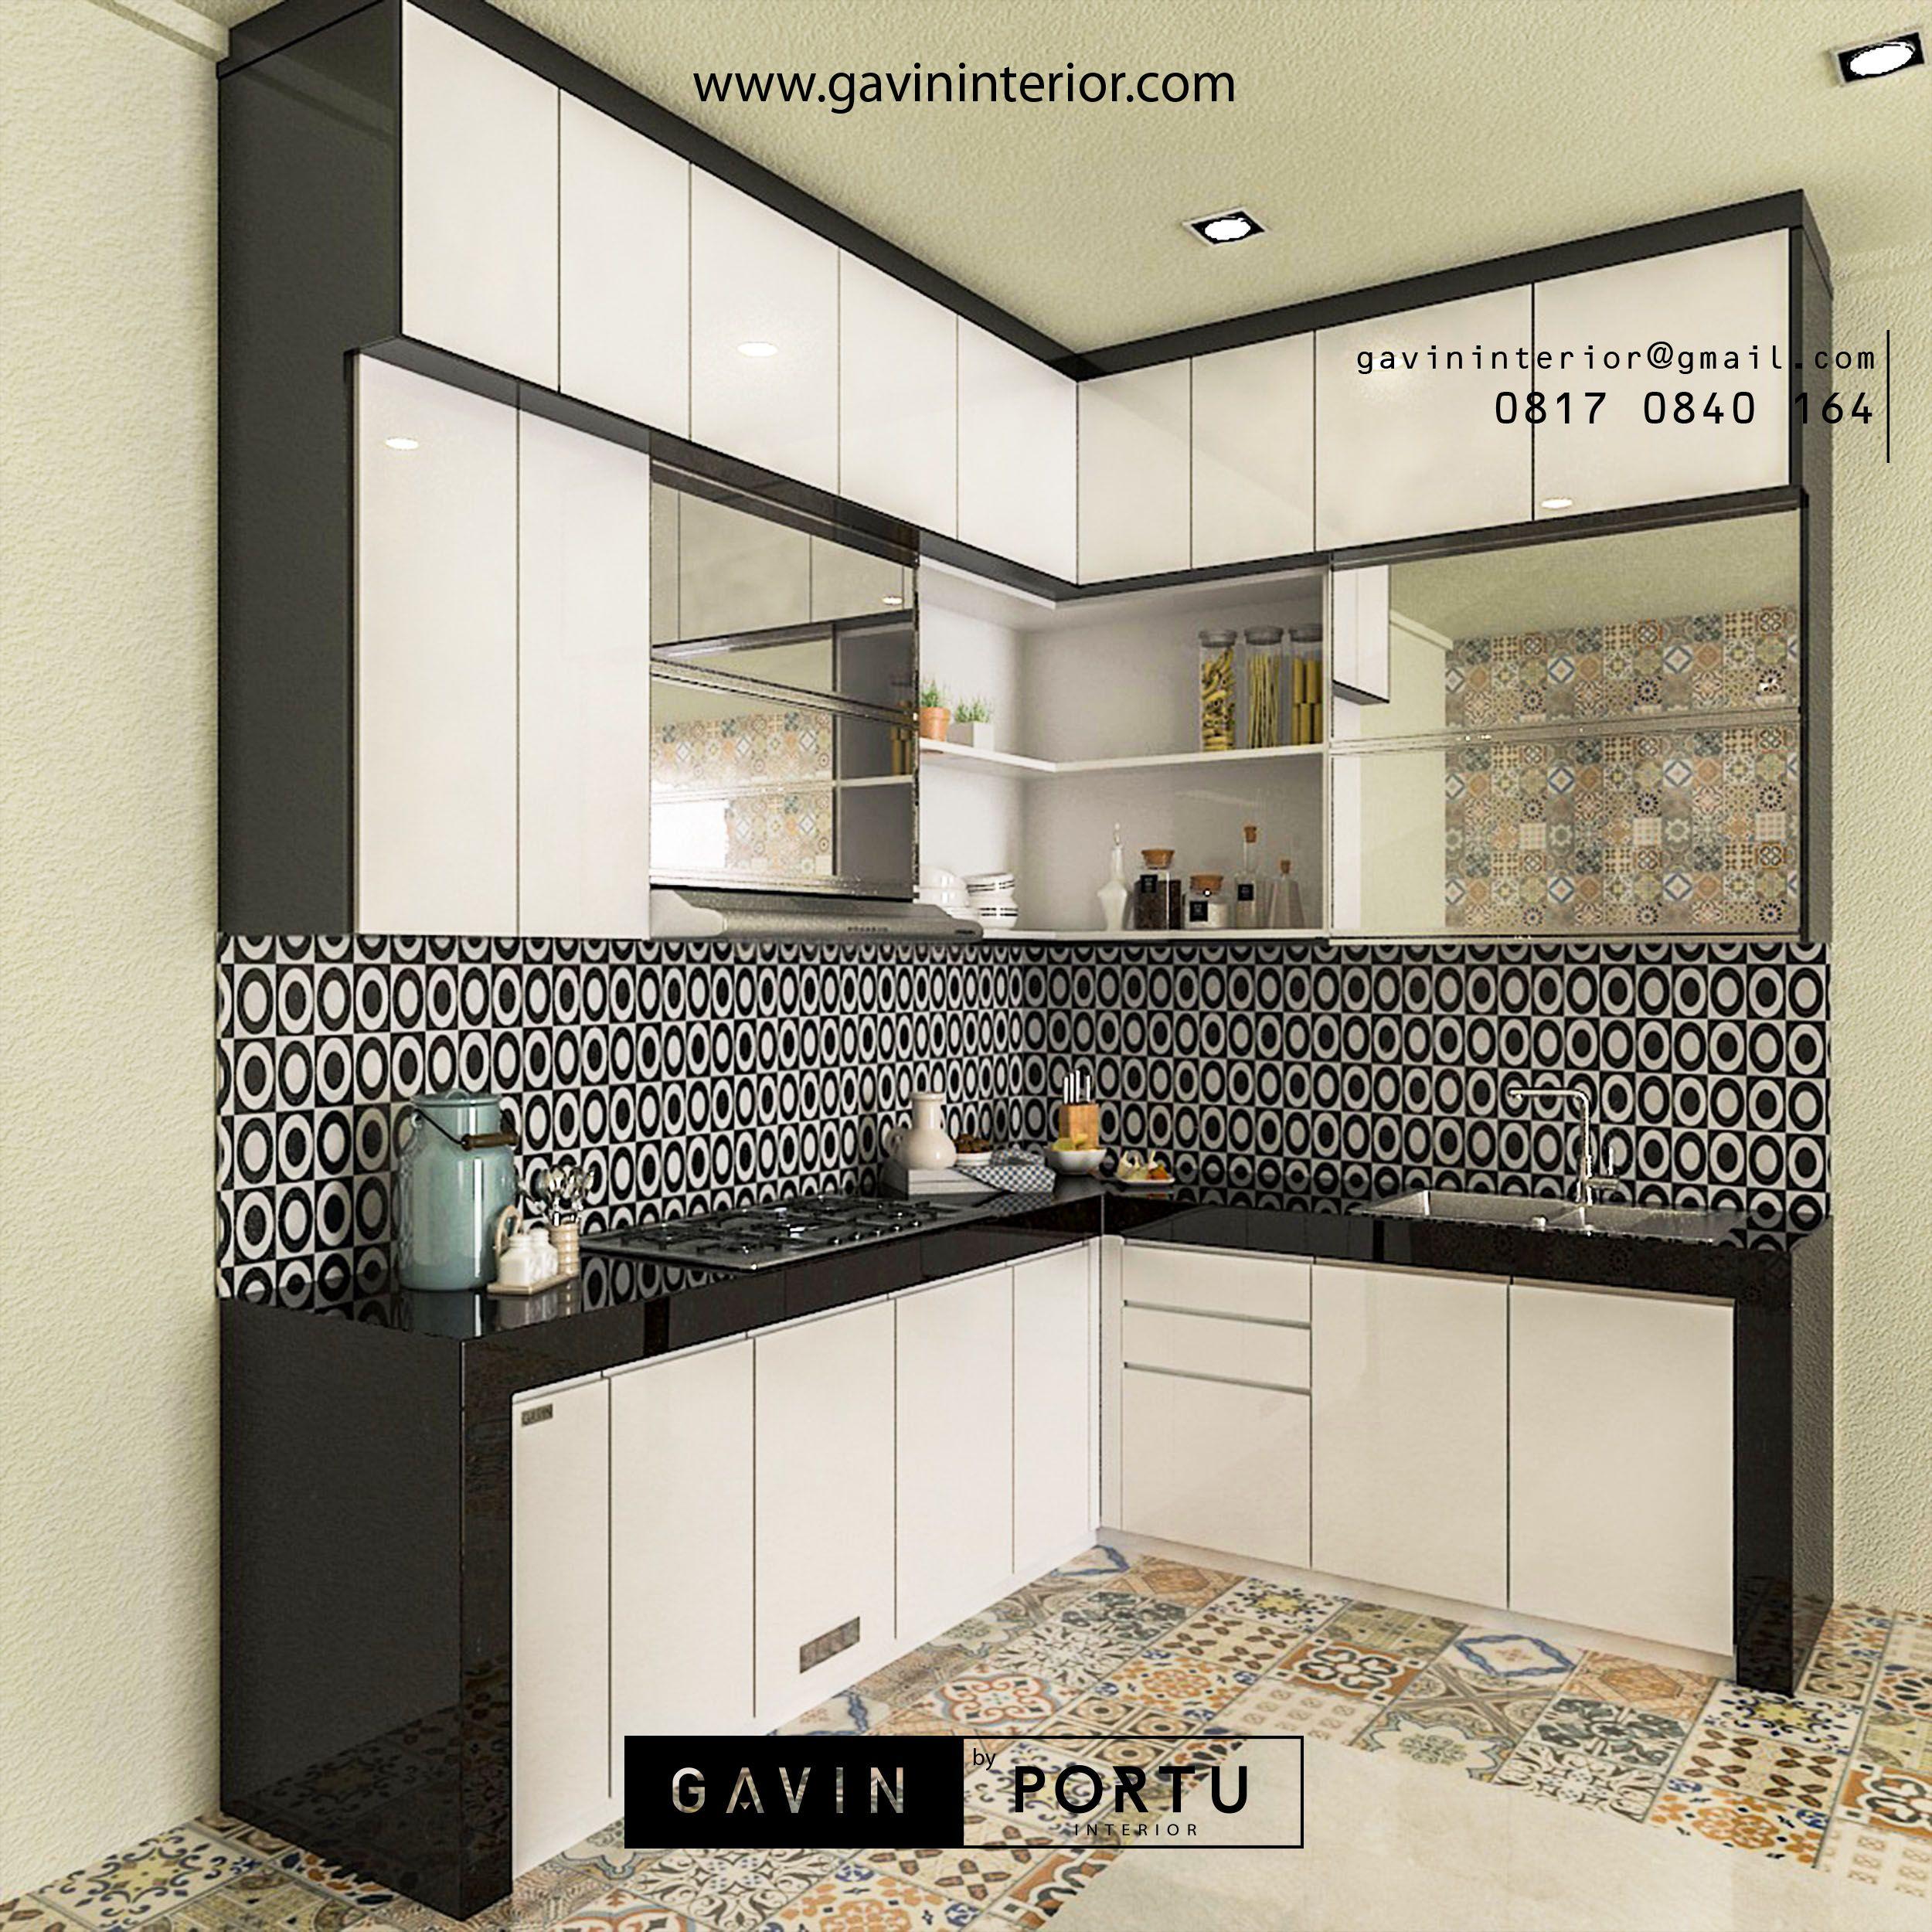 Dapur Yang Cantik Pasti Adalah Dapur Yang Bebas Dari Pemandangan Kotor Dan Juga Bau Tak Sedap Desain Kitchen Set Yang Baik Adalah Desai Dapur Furniture Desain